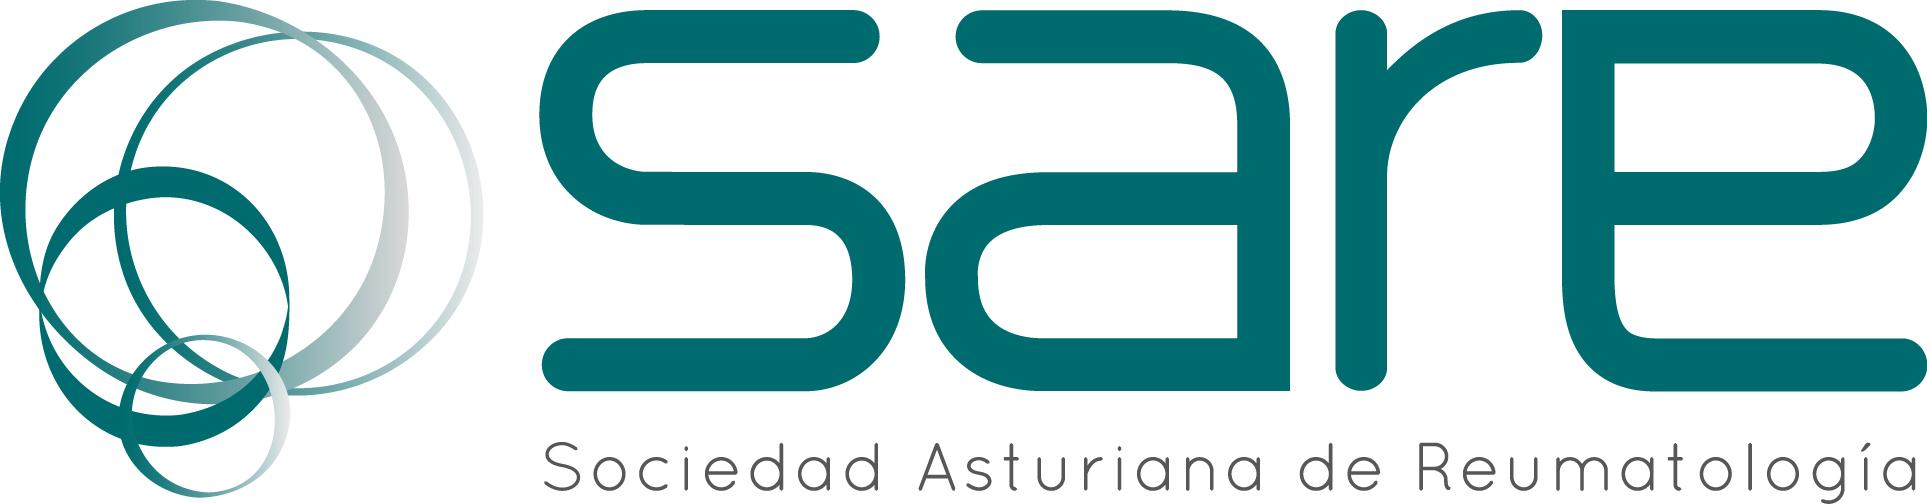 Sociedad Asturiana de Reumatología